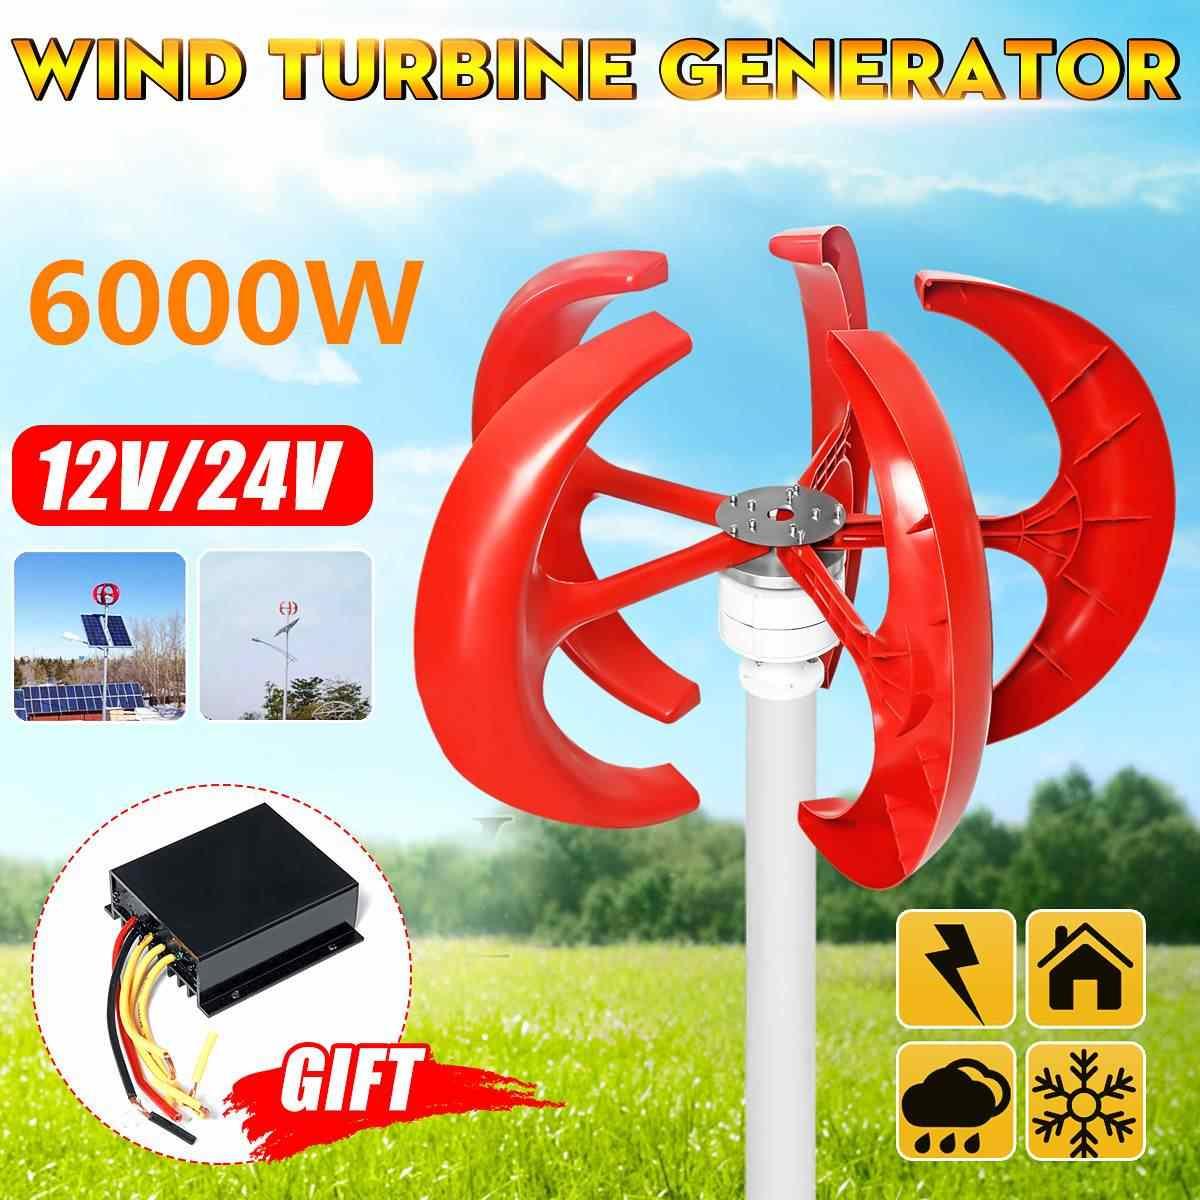 6000 واط 5 شفرات الرأسي Axi توربينات الرياح مولد فانوس 12 فولت 24 فولت معدات موتور الكهرومغناطيسية للاستخدام المنزلي ضوء الشارع